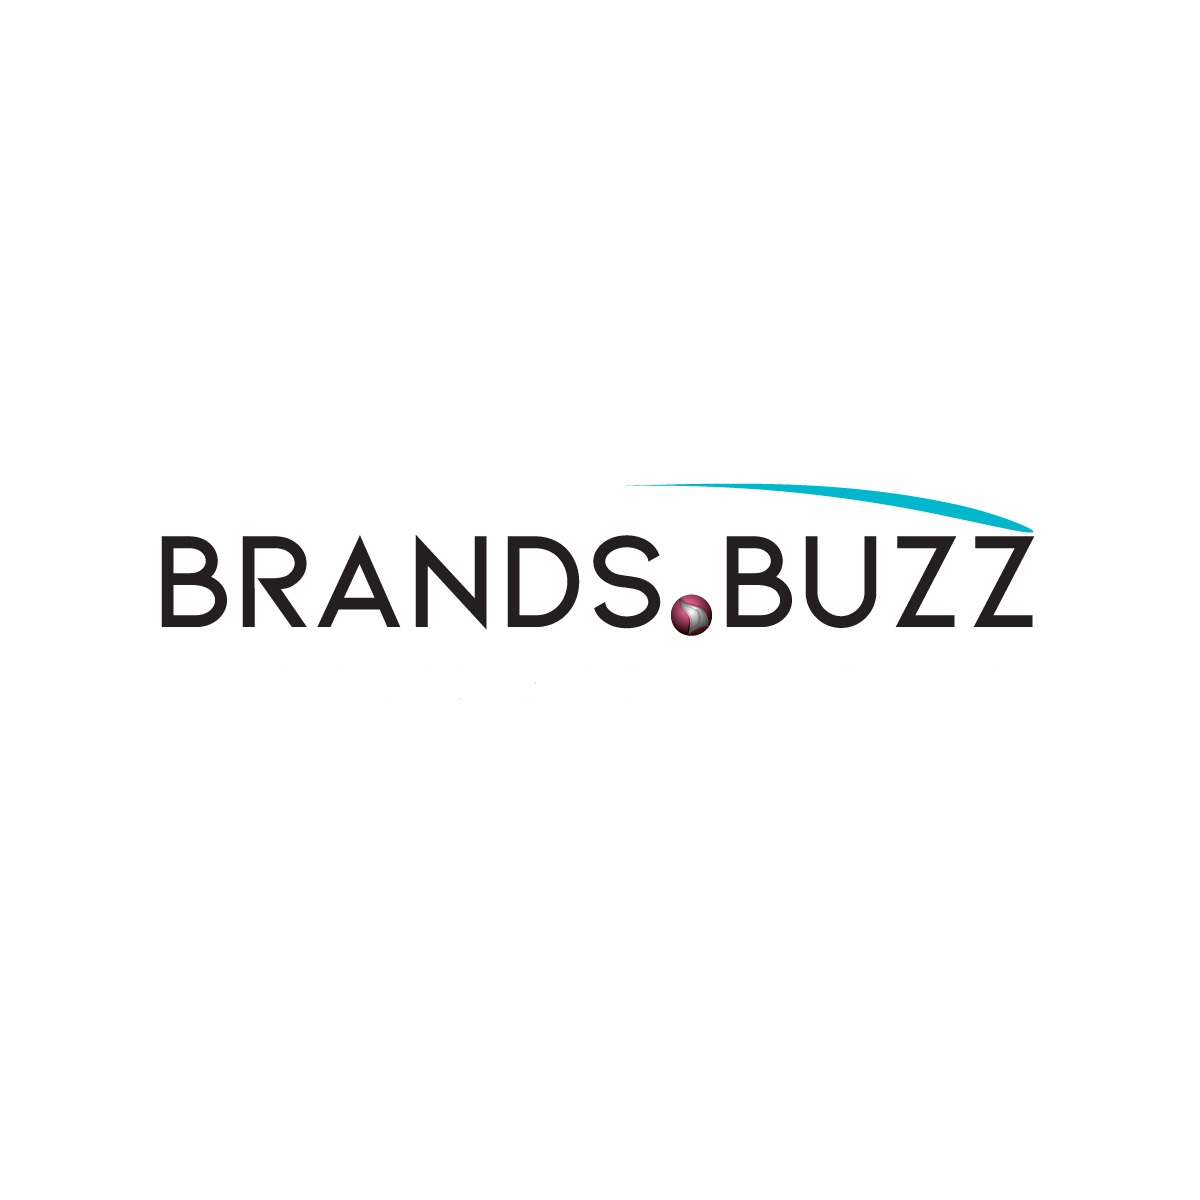 Brands.Buzz logo